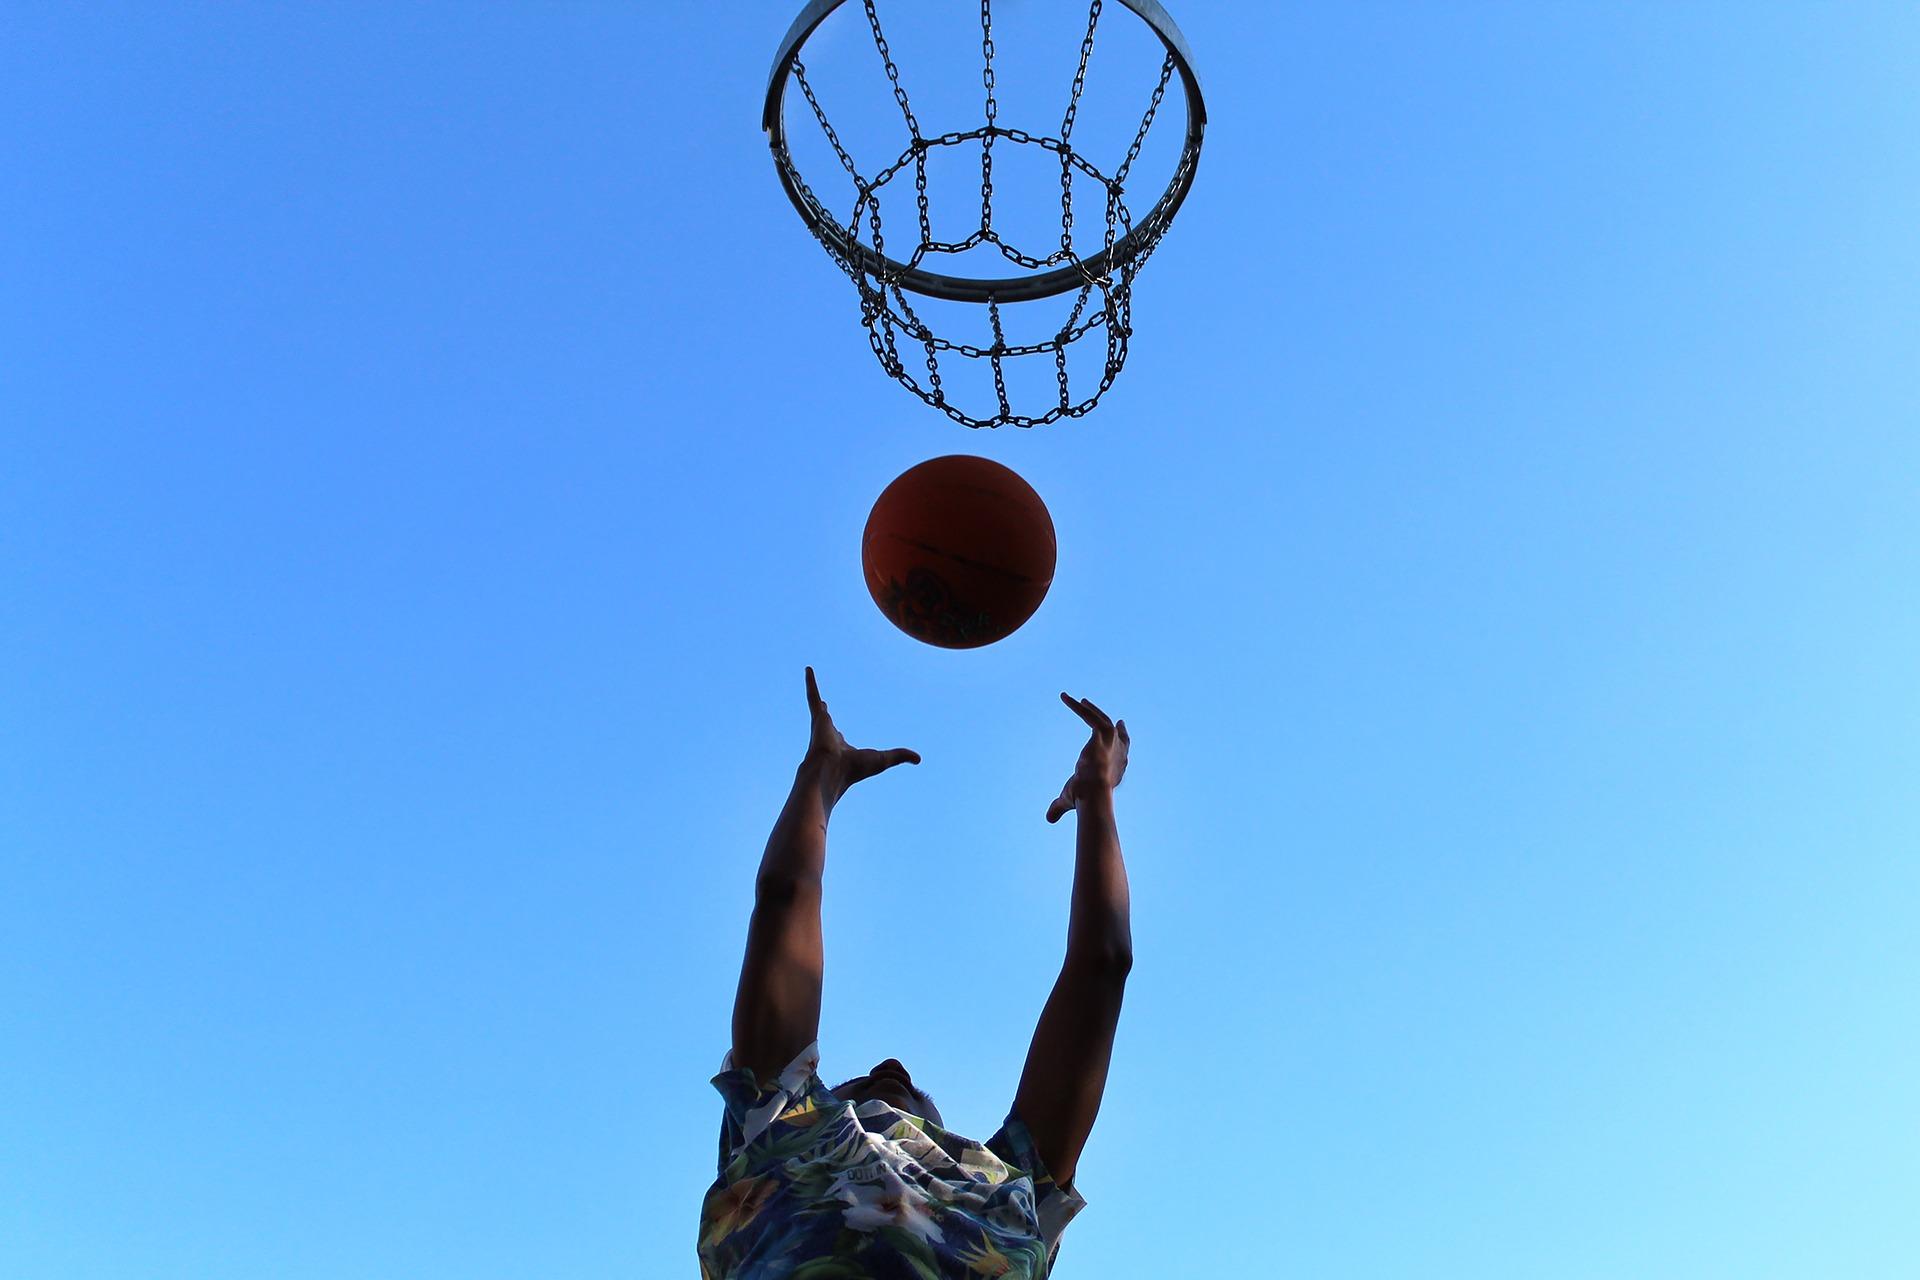 13.1.2020: Förderverein finanziert neue Basketball-Trikots für die Spieler der Augustinerschule